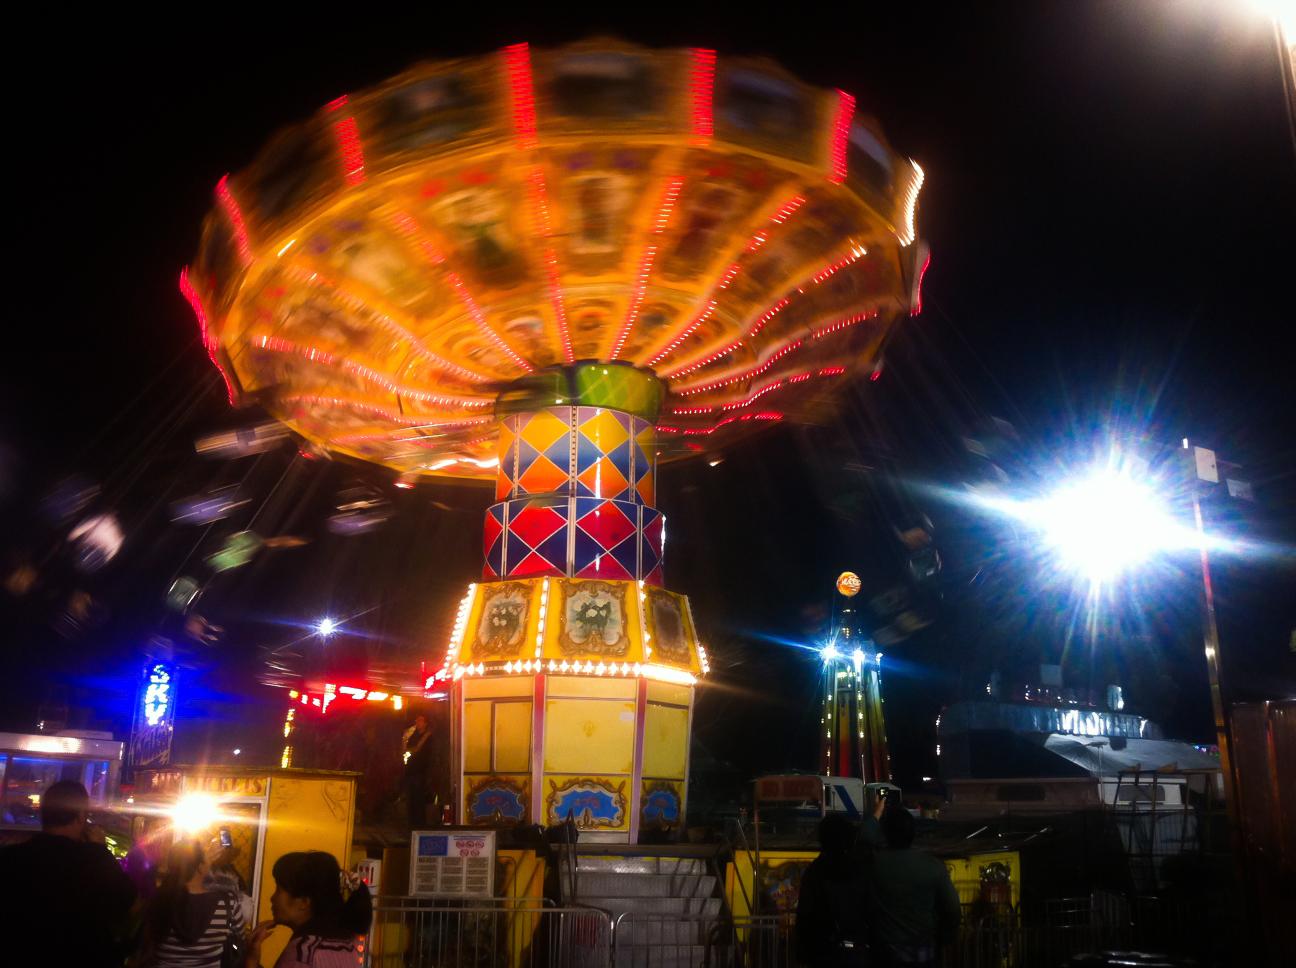 jettycarnival